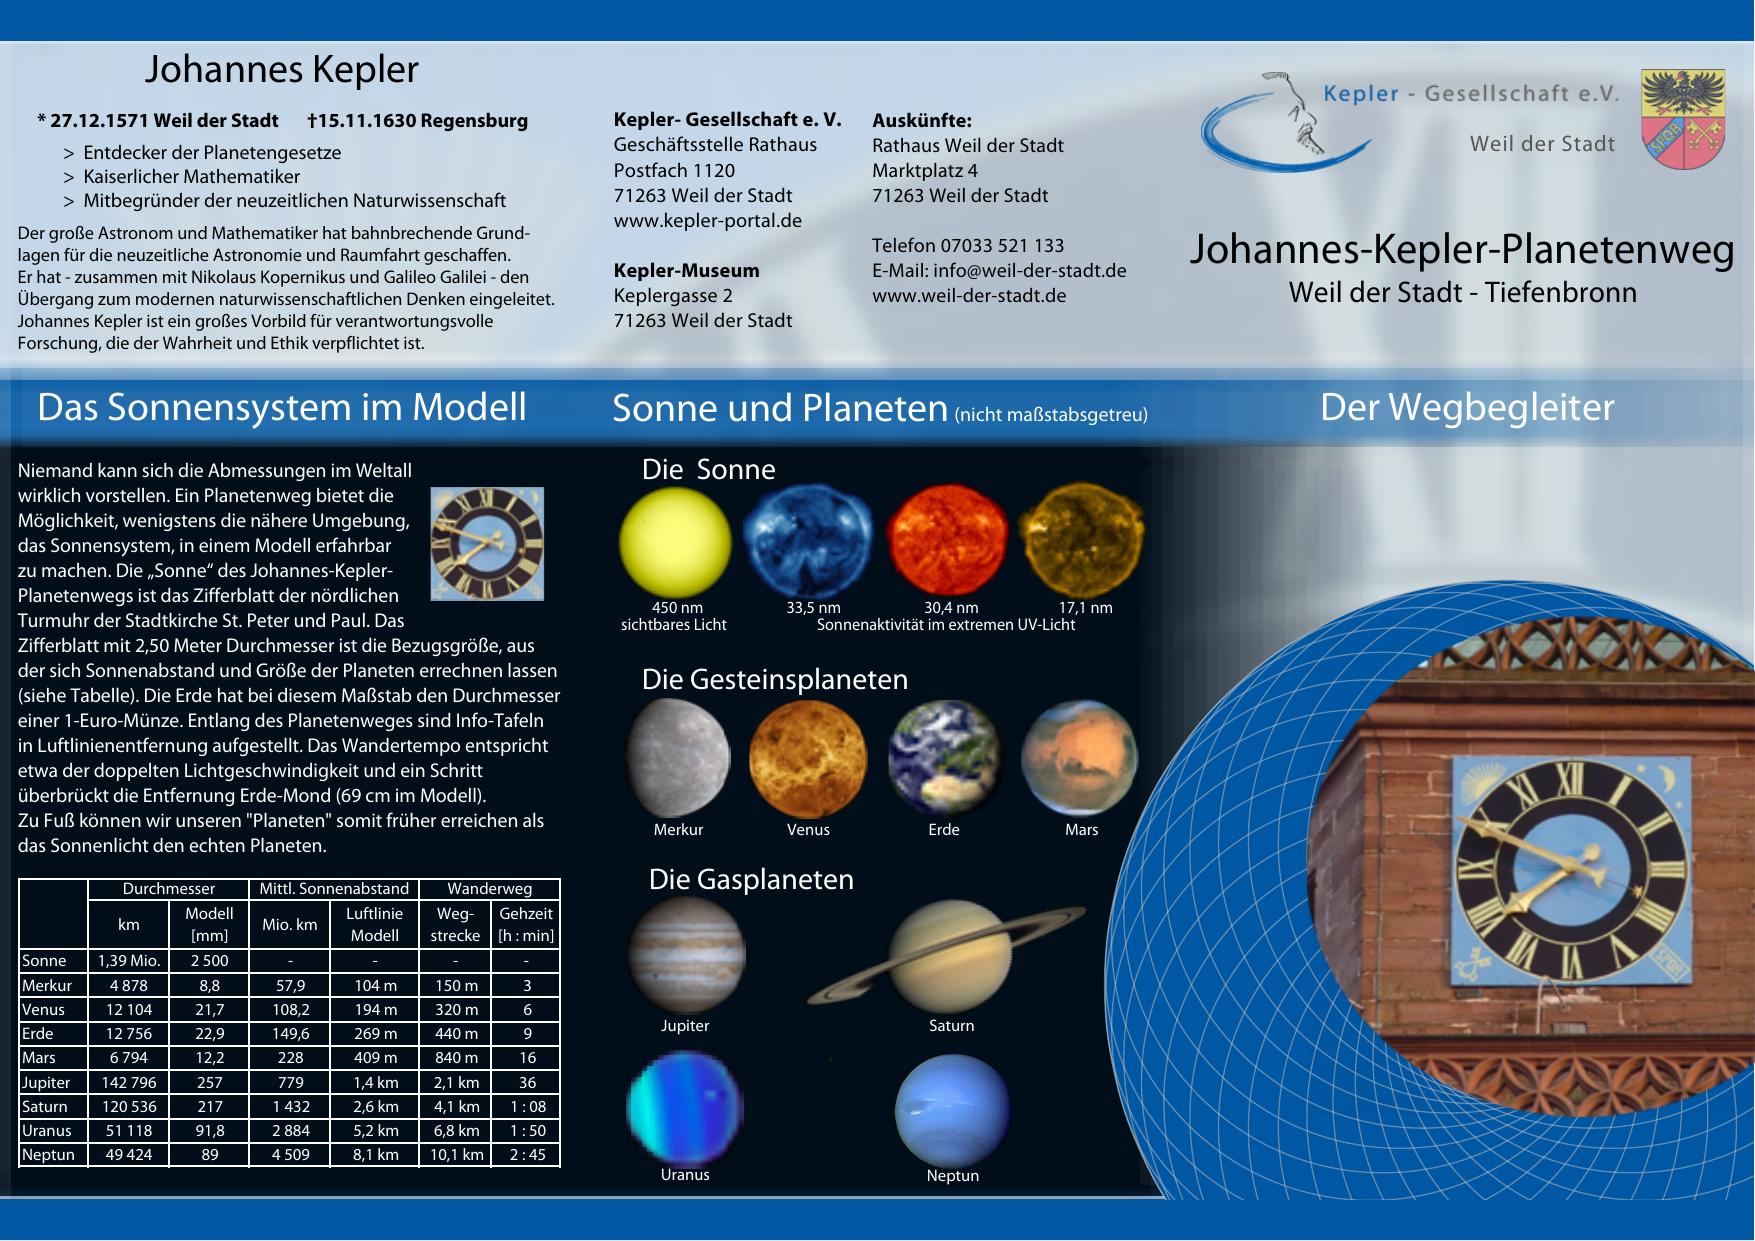 Bild Johannes Kepler Planetenweg Weil der Stadt